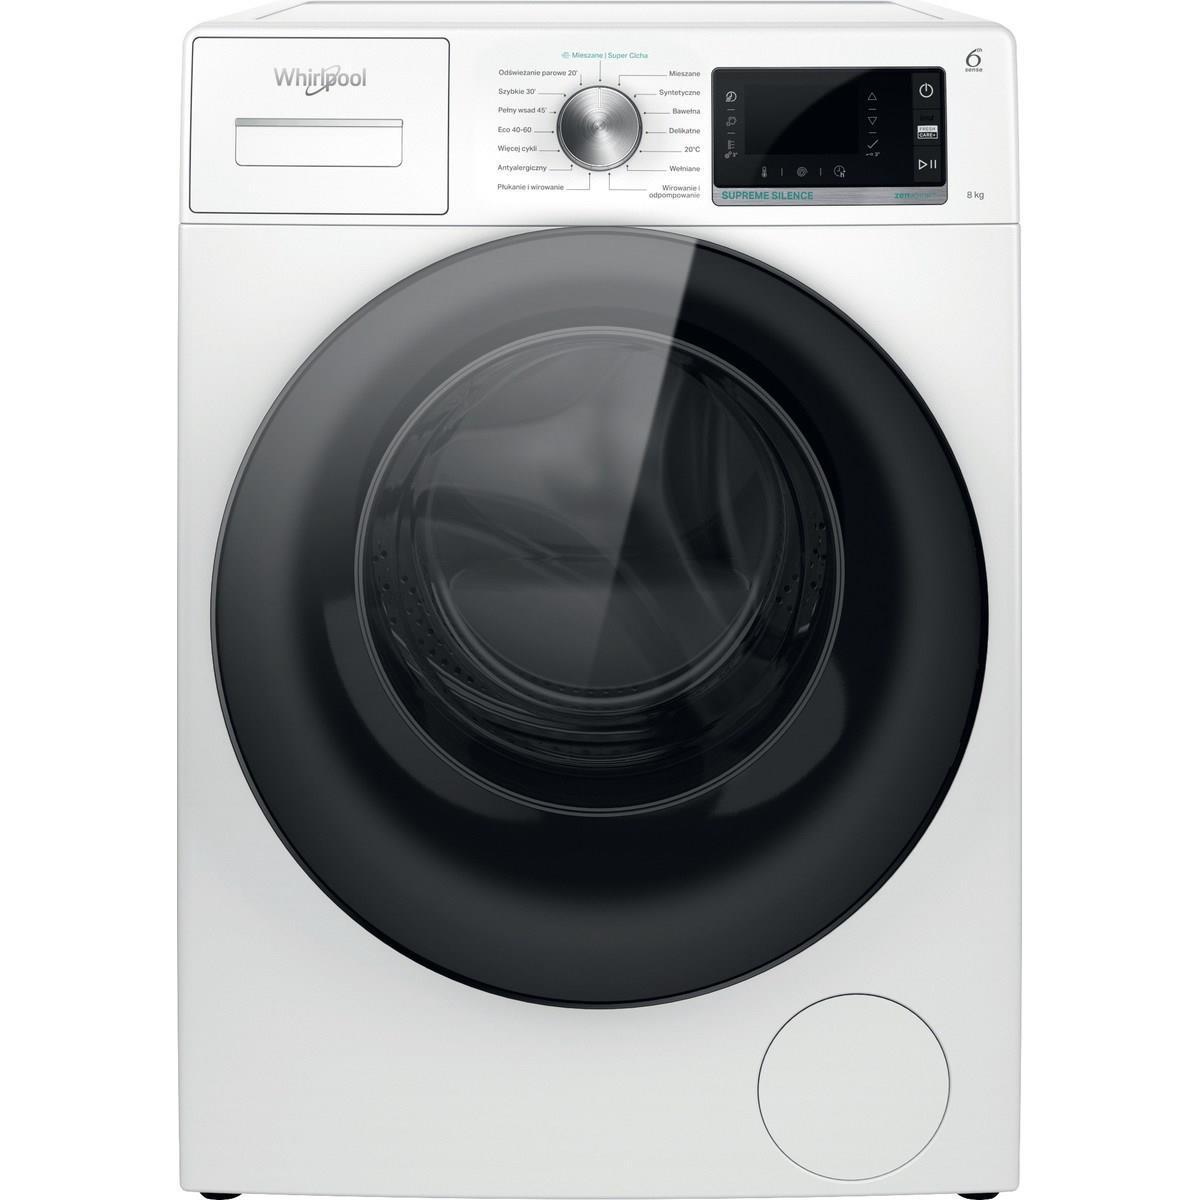 Whirlpool W6 W845wb Pl